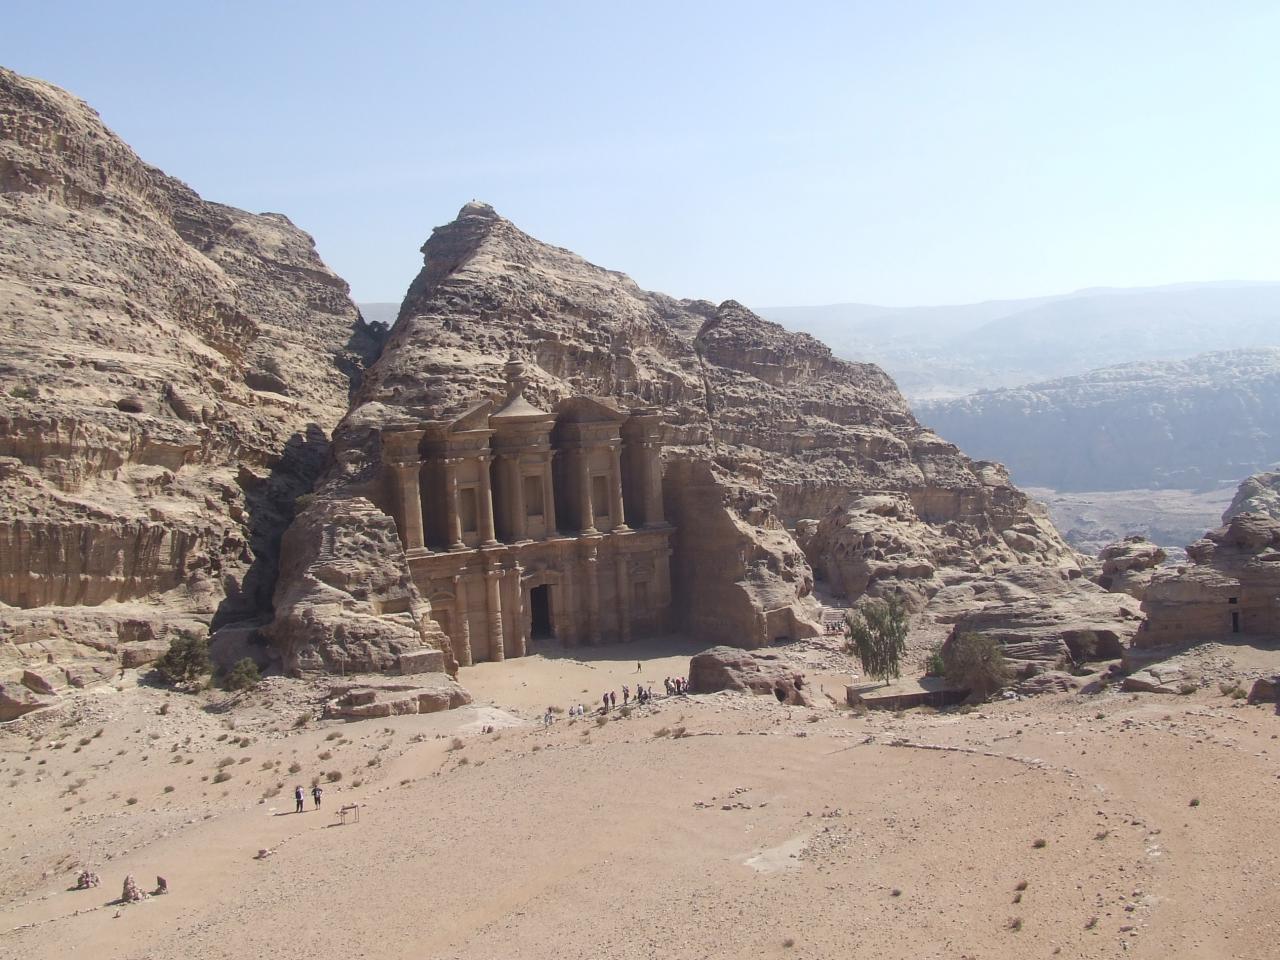 Le Monastère à Pétra (Jordanie)